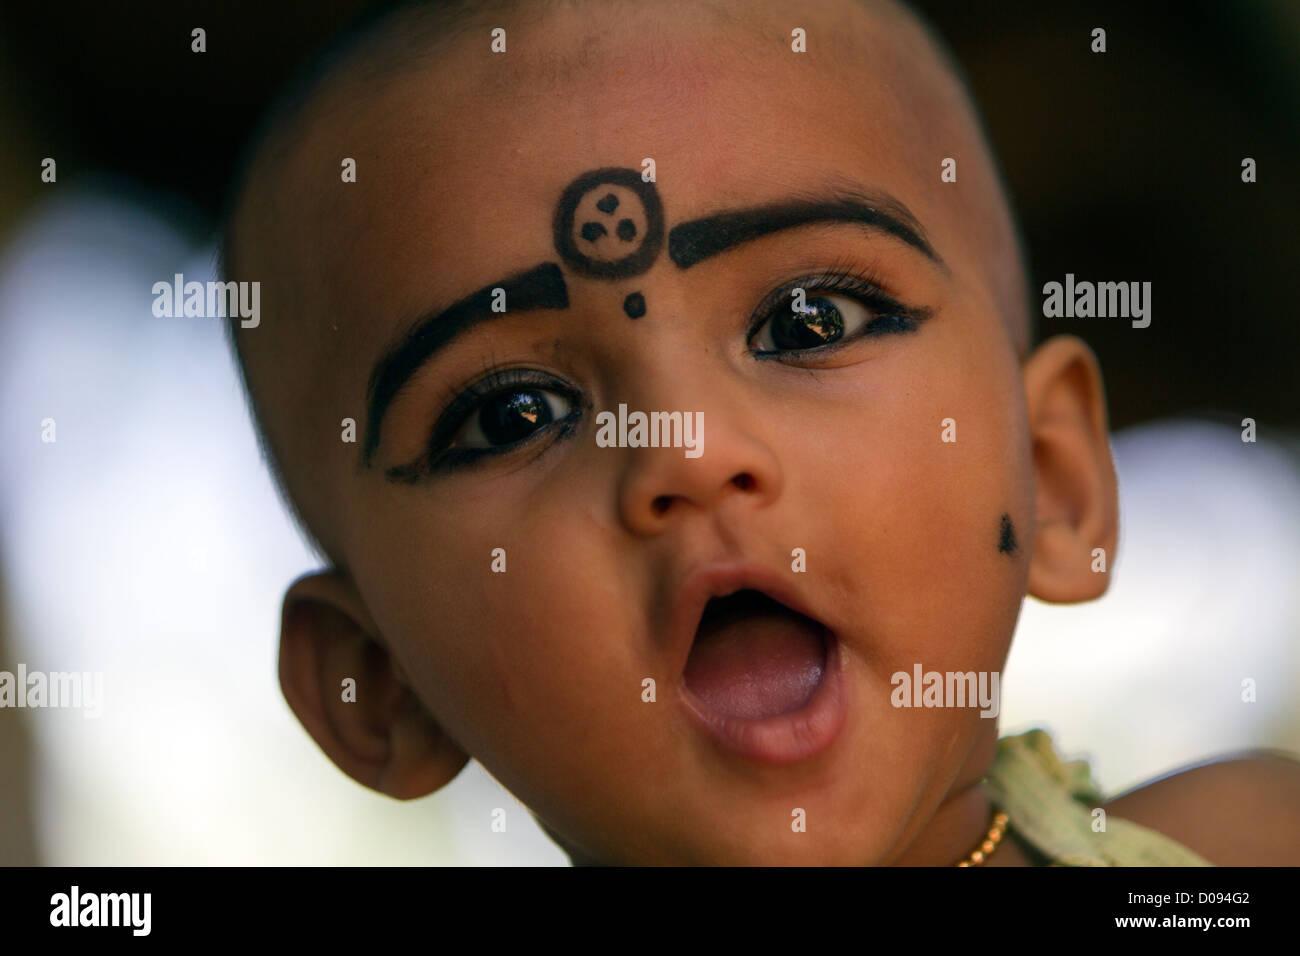 A child wearing kajal make up a natural black coloured balm both make